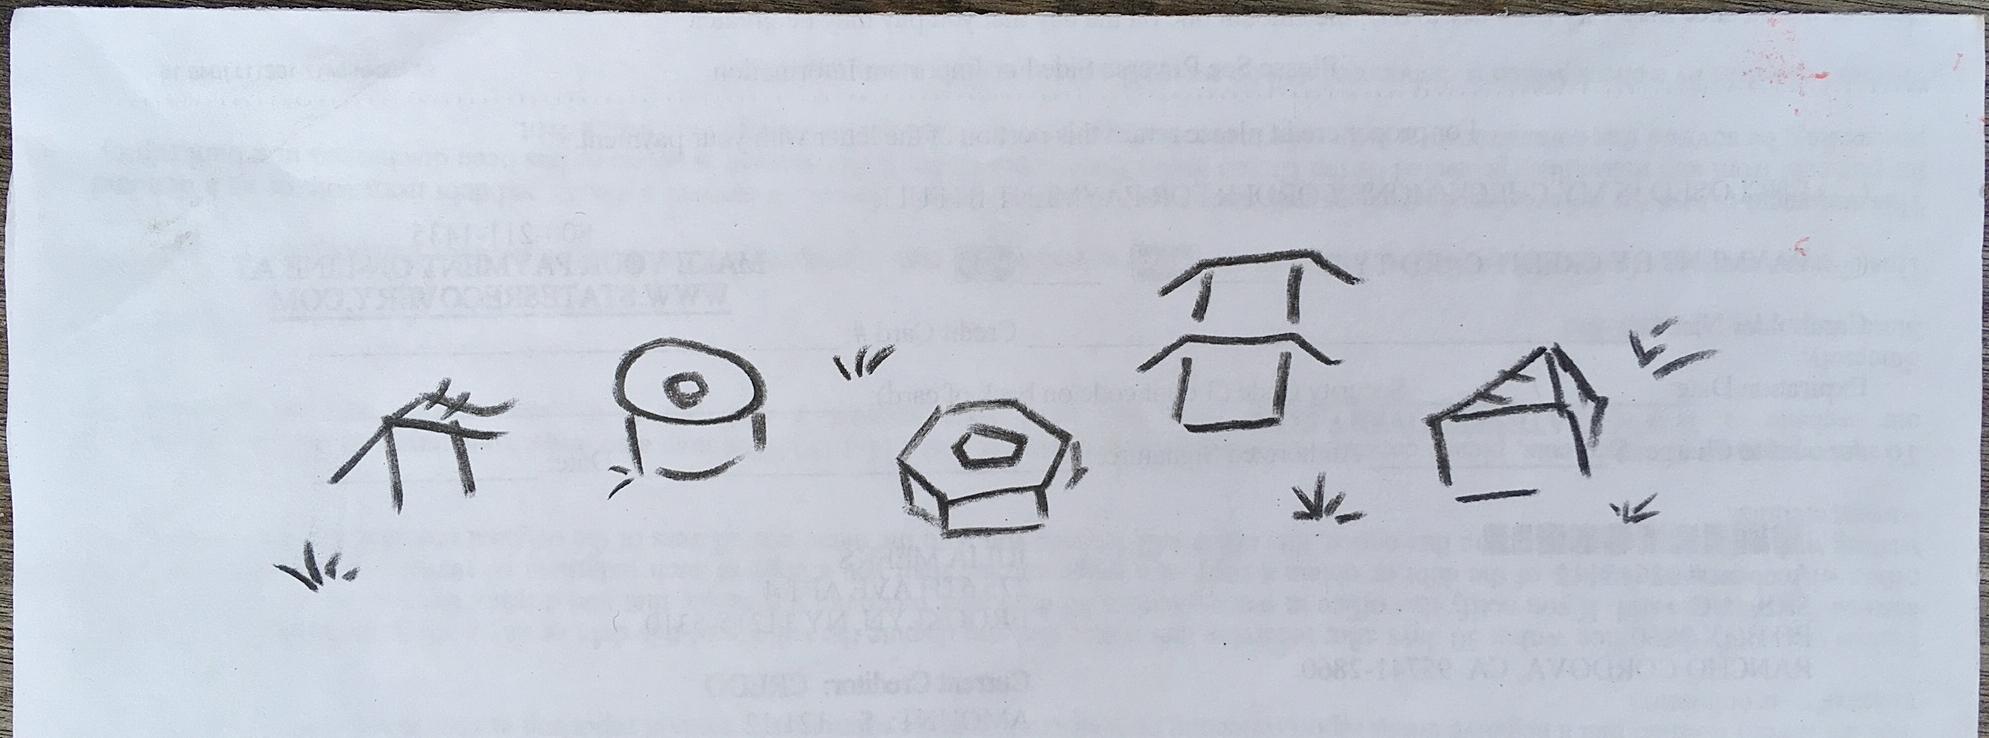 Basic Needs Tiny houses